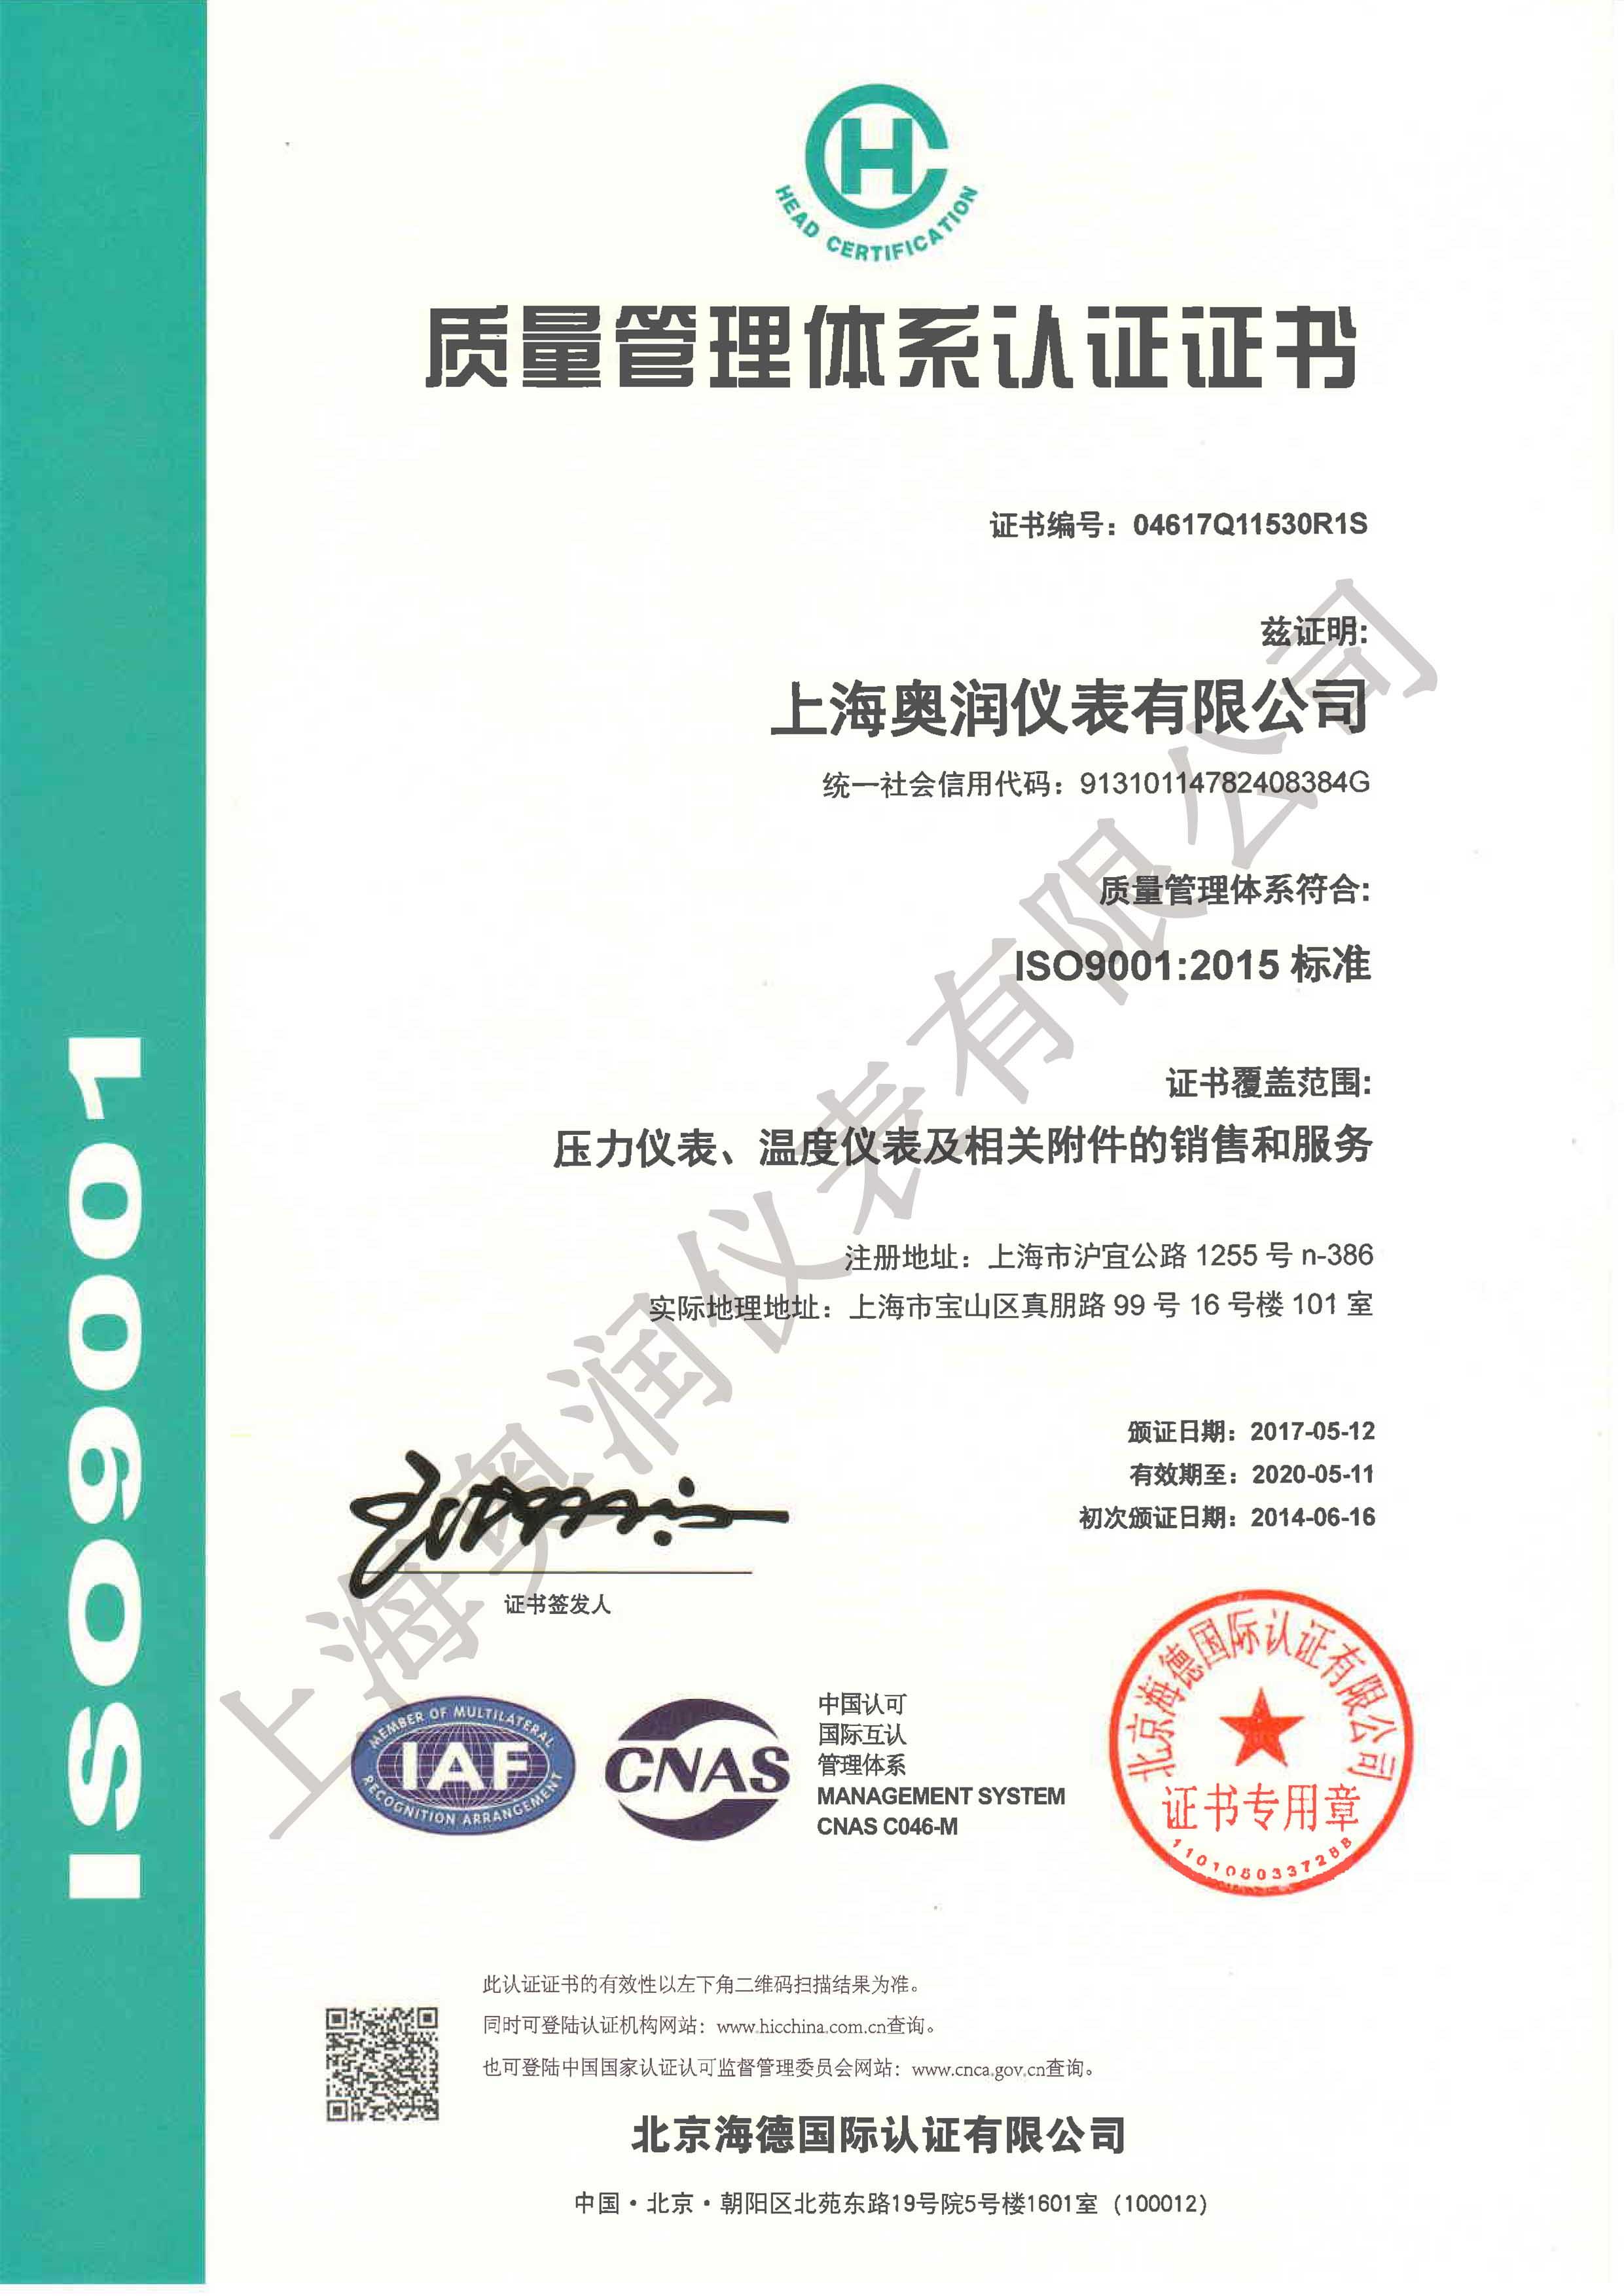 質量管理體系認證證書ISO9001